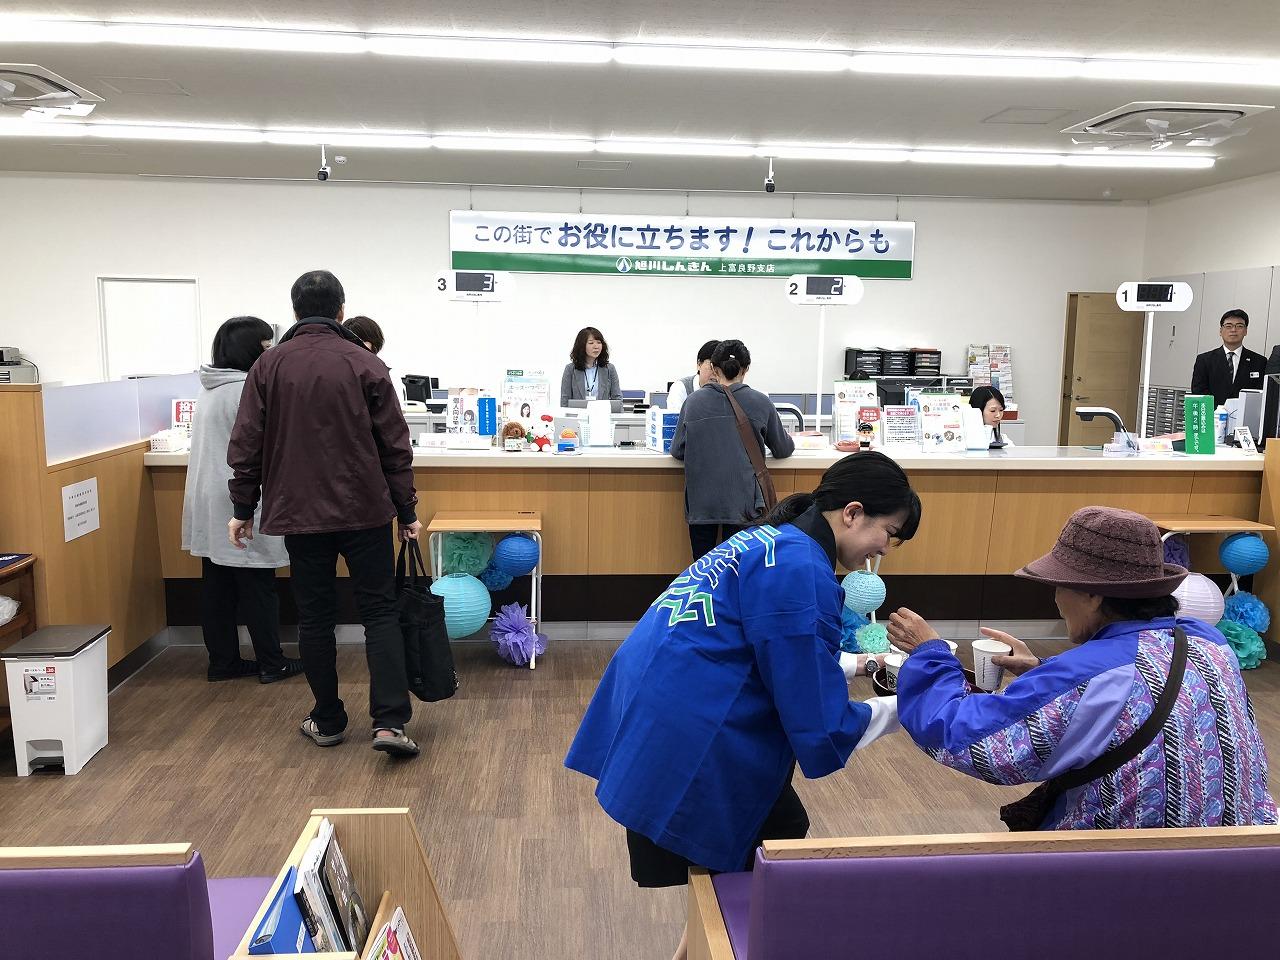 旭川信用金庫 上富良野支店